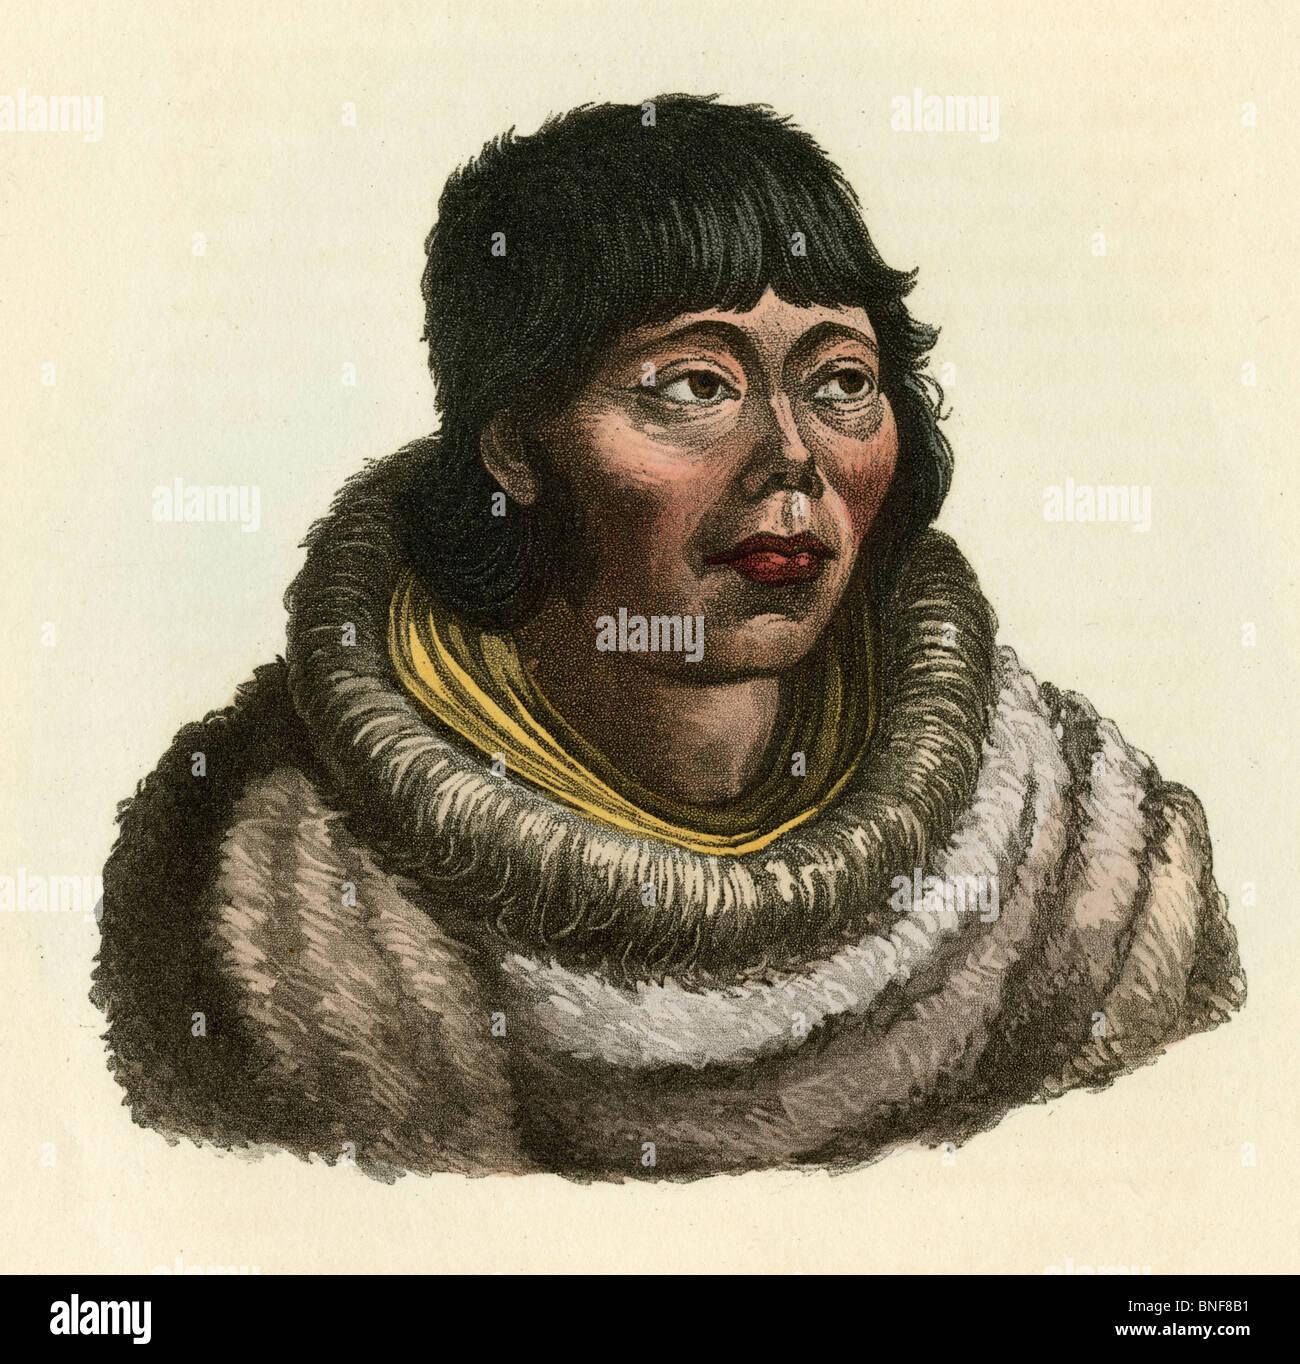 """1842 grabado pintado a mano del Dr. Prichard la historia natural del hombre, """"Kamtschadale'. Imagen De Stock"""